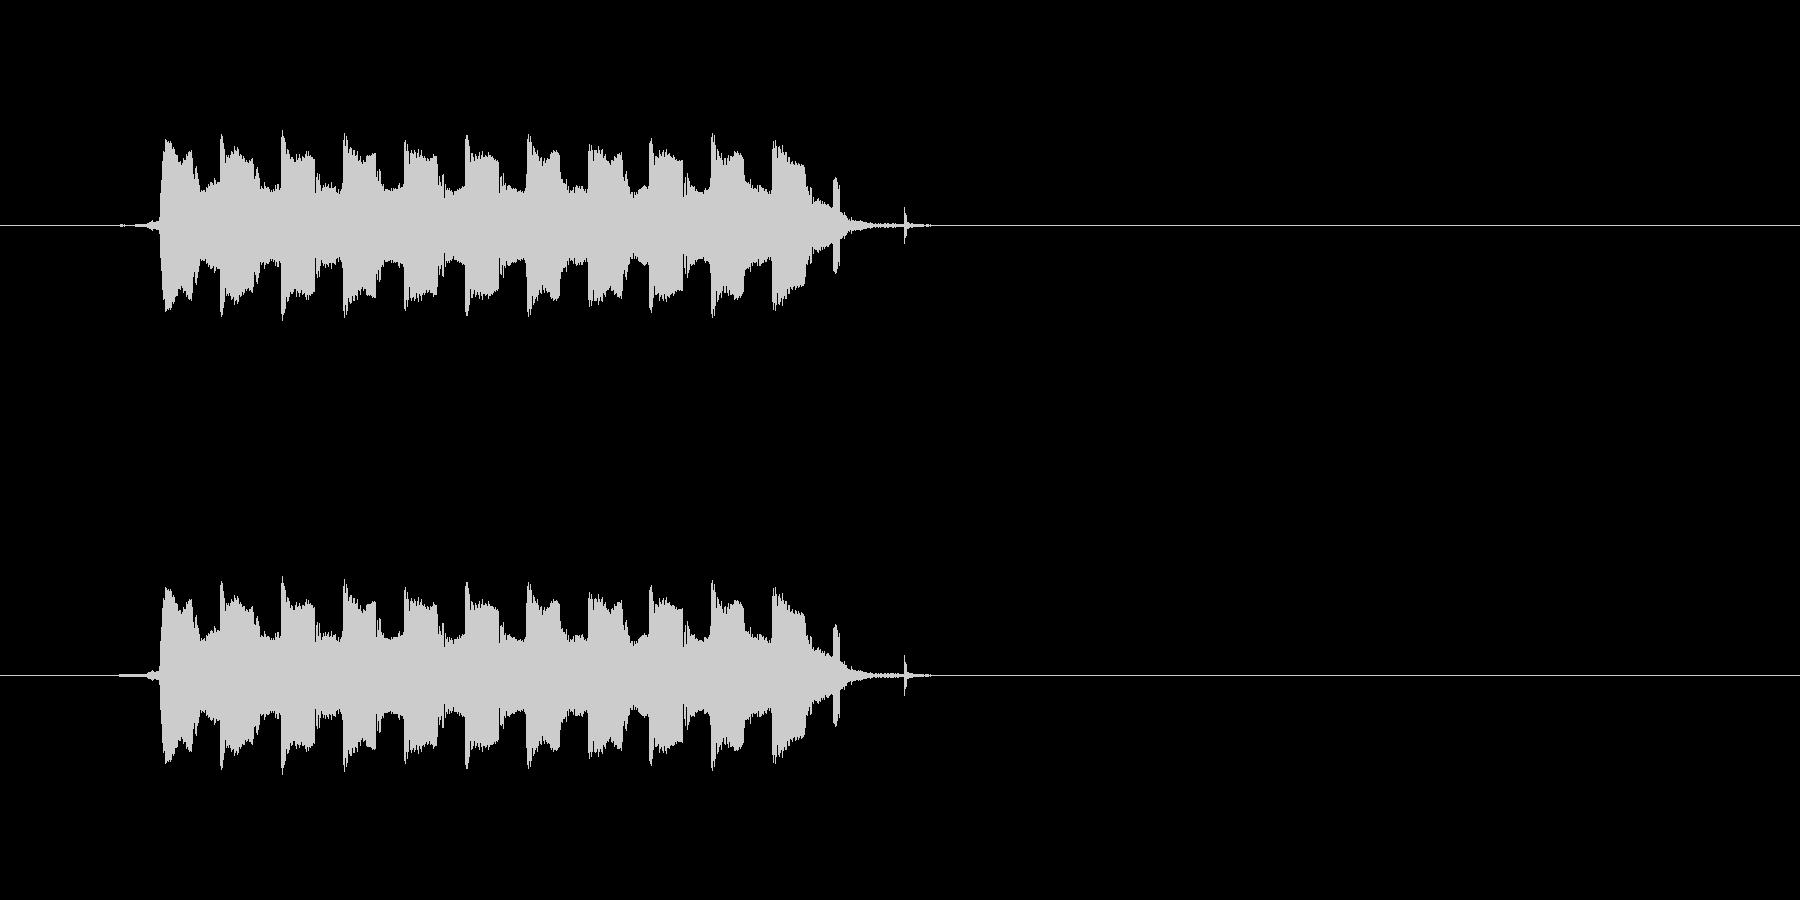 ピルルルルル(電話のコール音)の未再生の波形